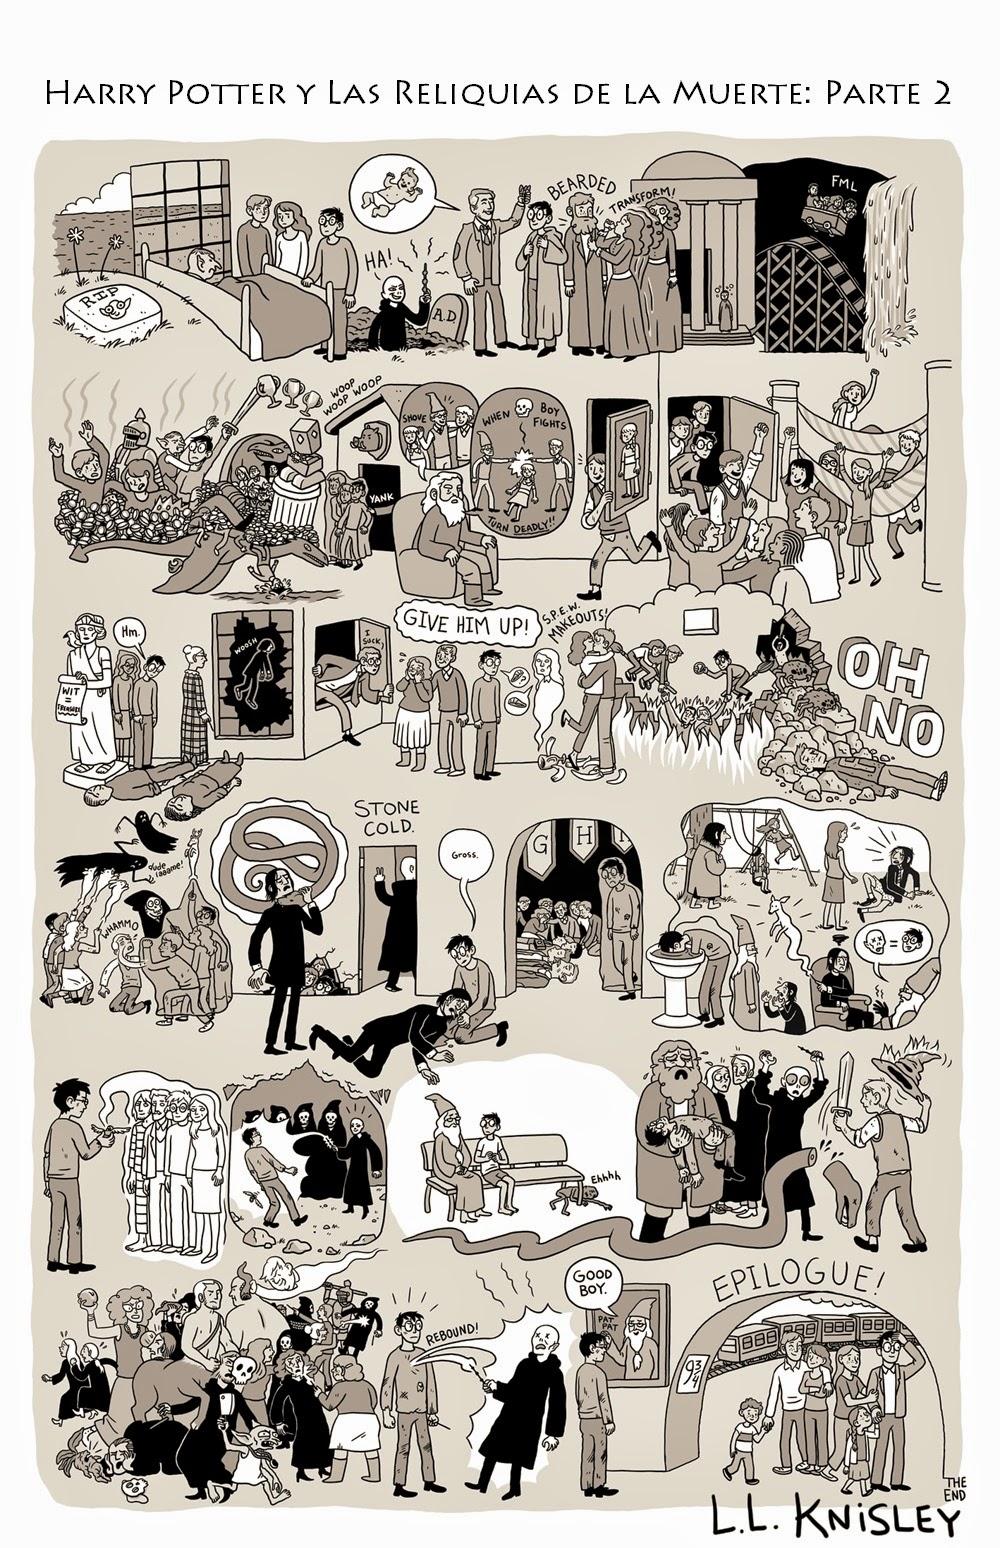 viñeta resumen - Harry Potter y las reliquias de la muerte: parte 2